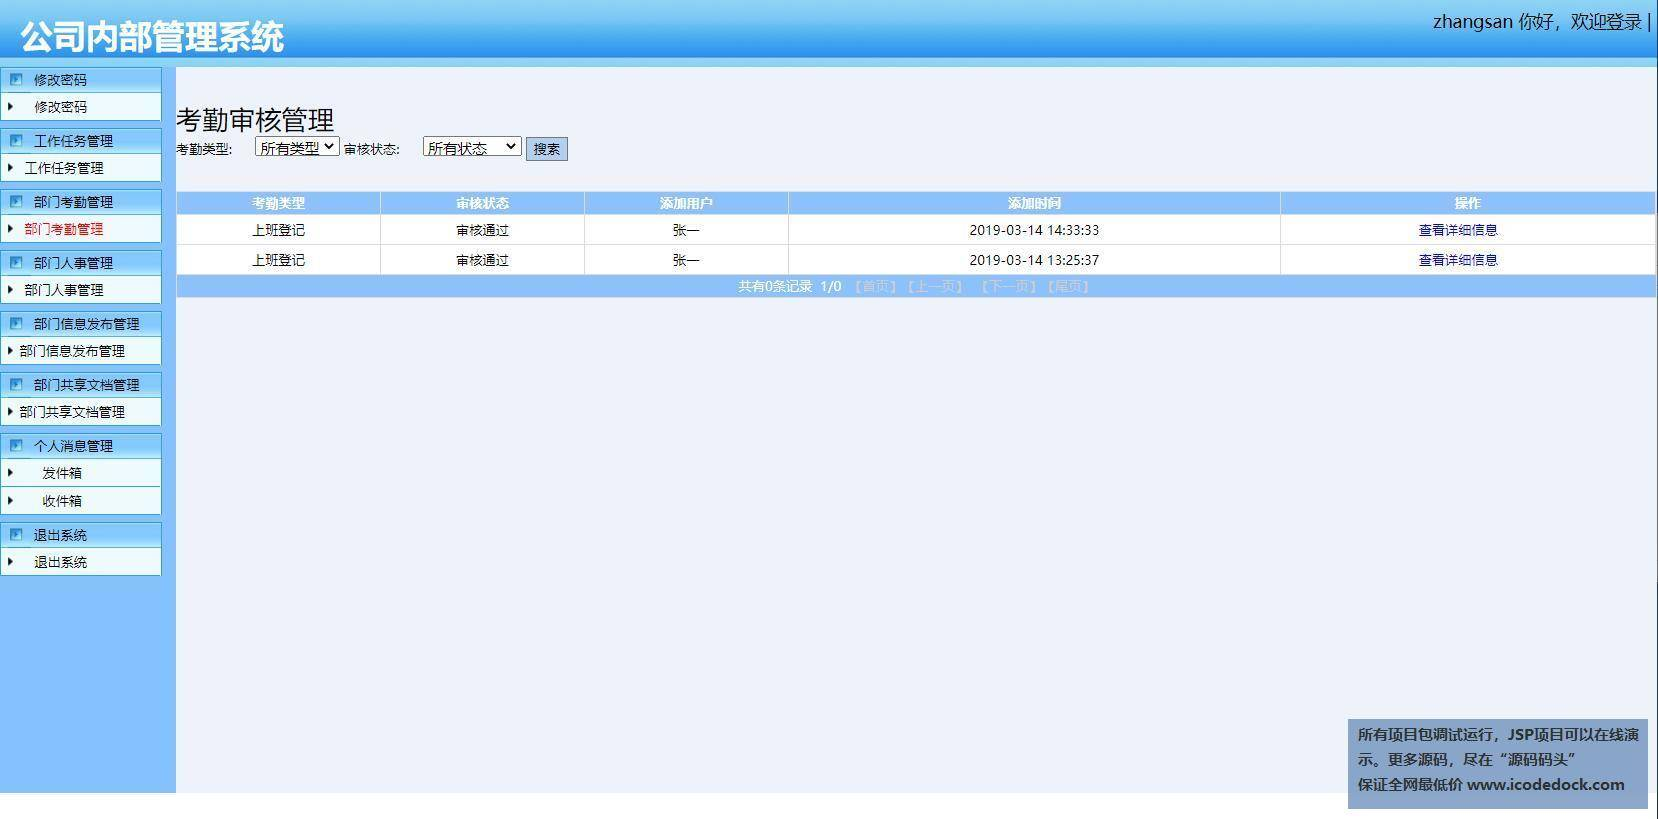 源码码头-SSH公司内部办公自动化管理系统-部门经理角色-部门考勤管理